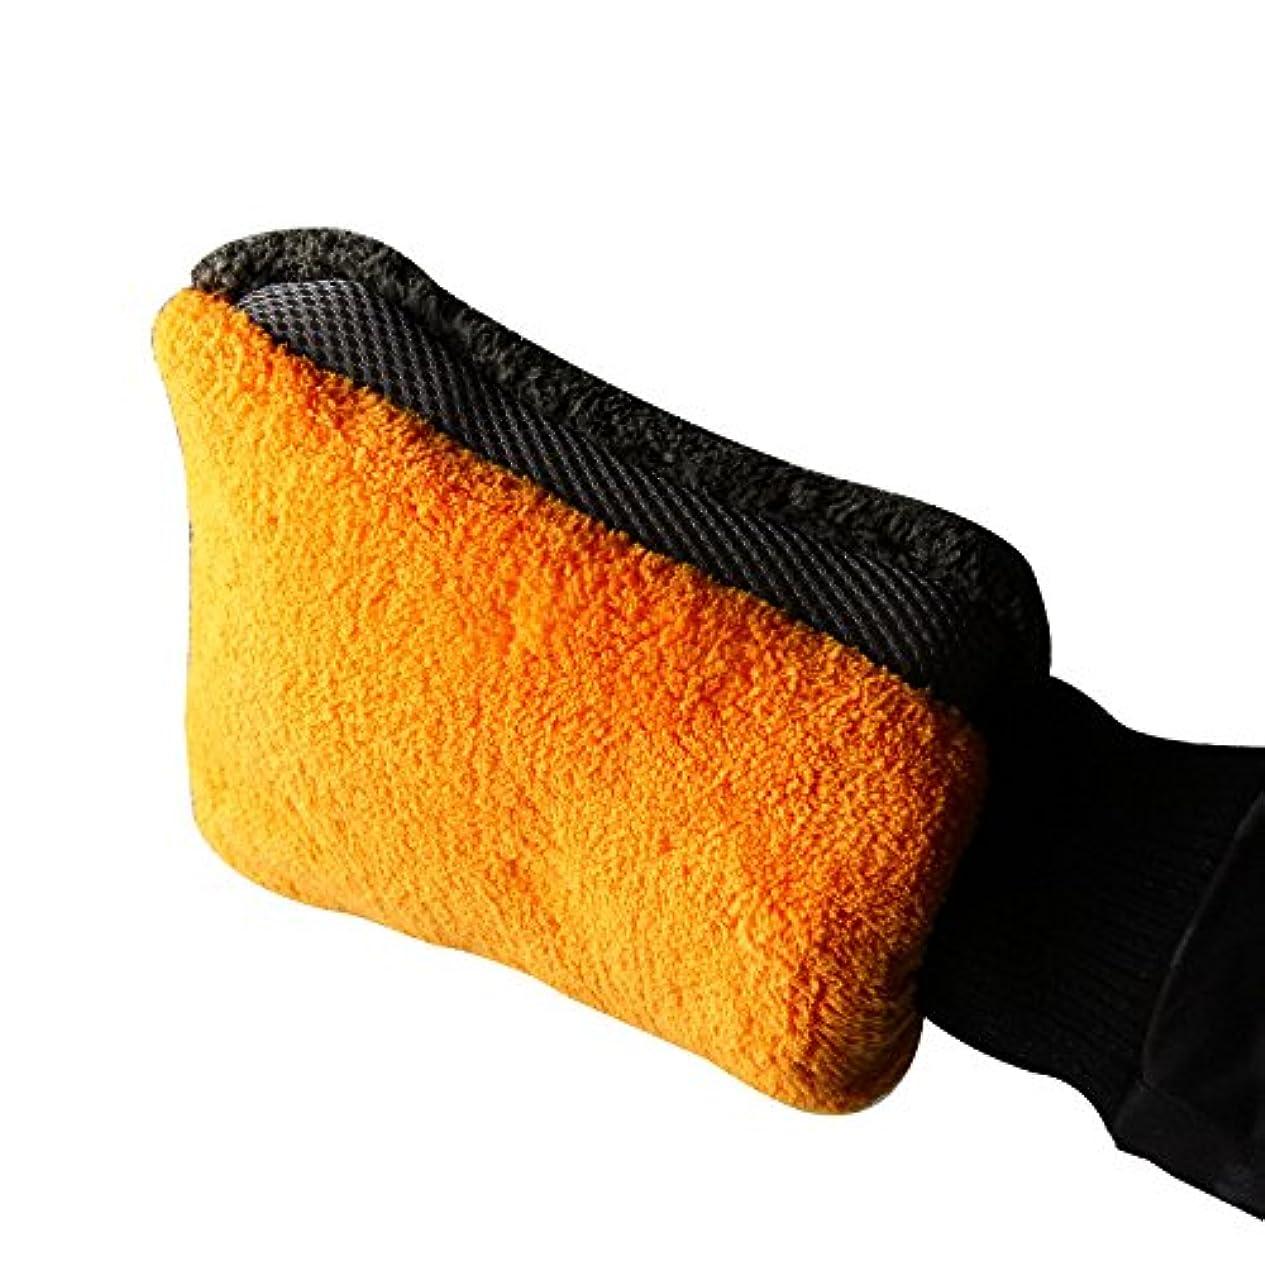 時計独創的突き刺すBTXXYJP サンゴフリース 洗車 ブラシ 手袋 クリーニング ミットショートウールミットカークロス (Color : Orange, Size : L-One pair)